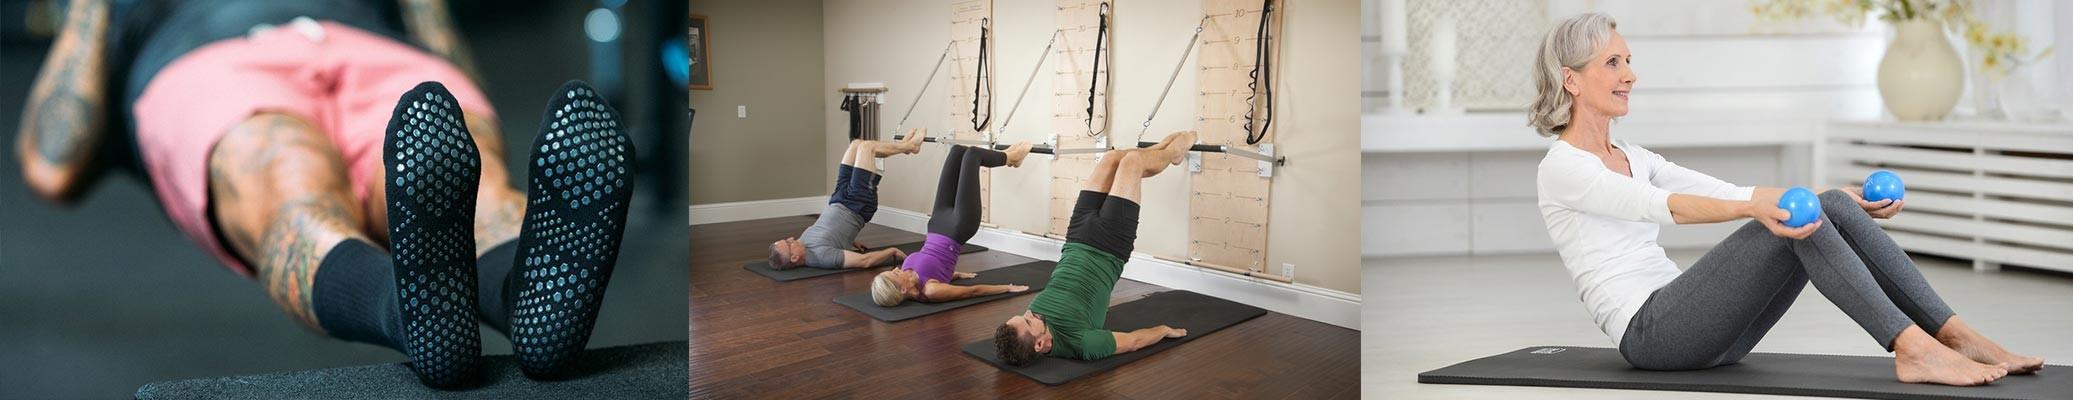 Chaussettes Pilates -  Exercice au mûr Corealign - Utiisation Soft Balls